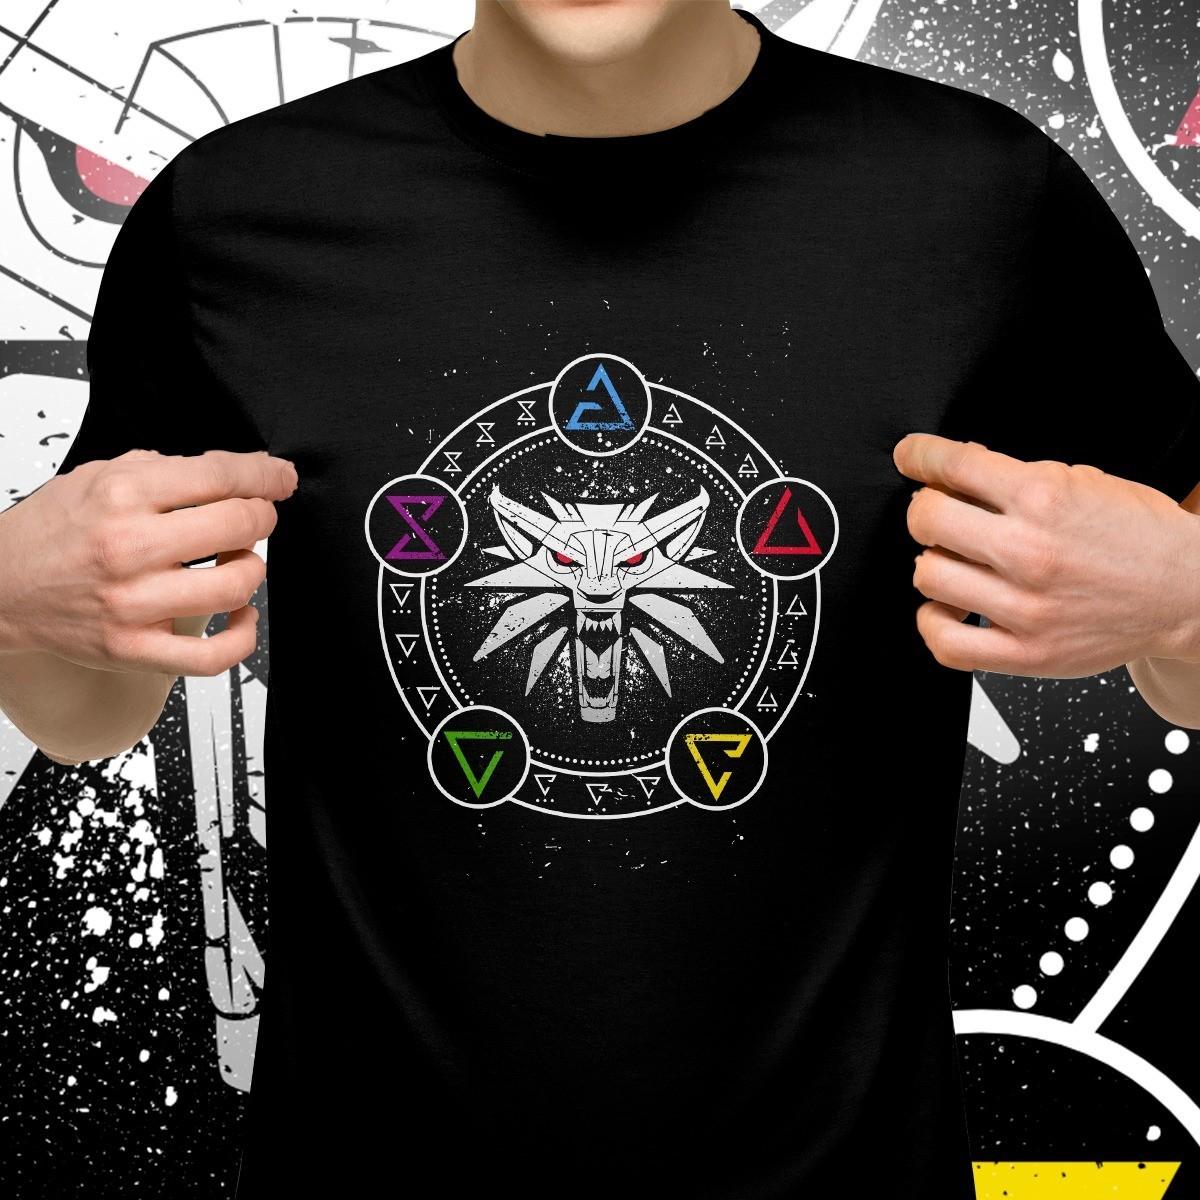 Camiseta Unissex Sinais De Bruxo: The Witcher Tamanho P